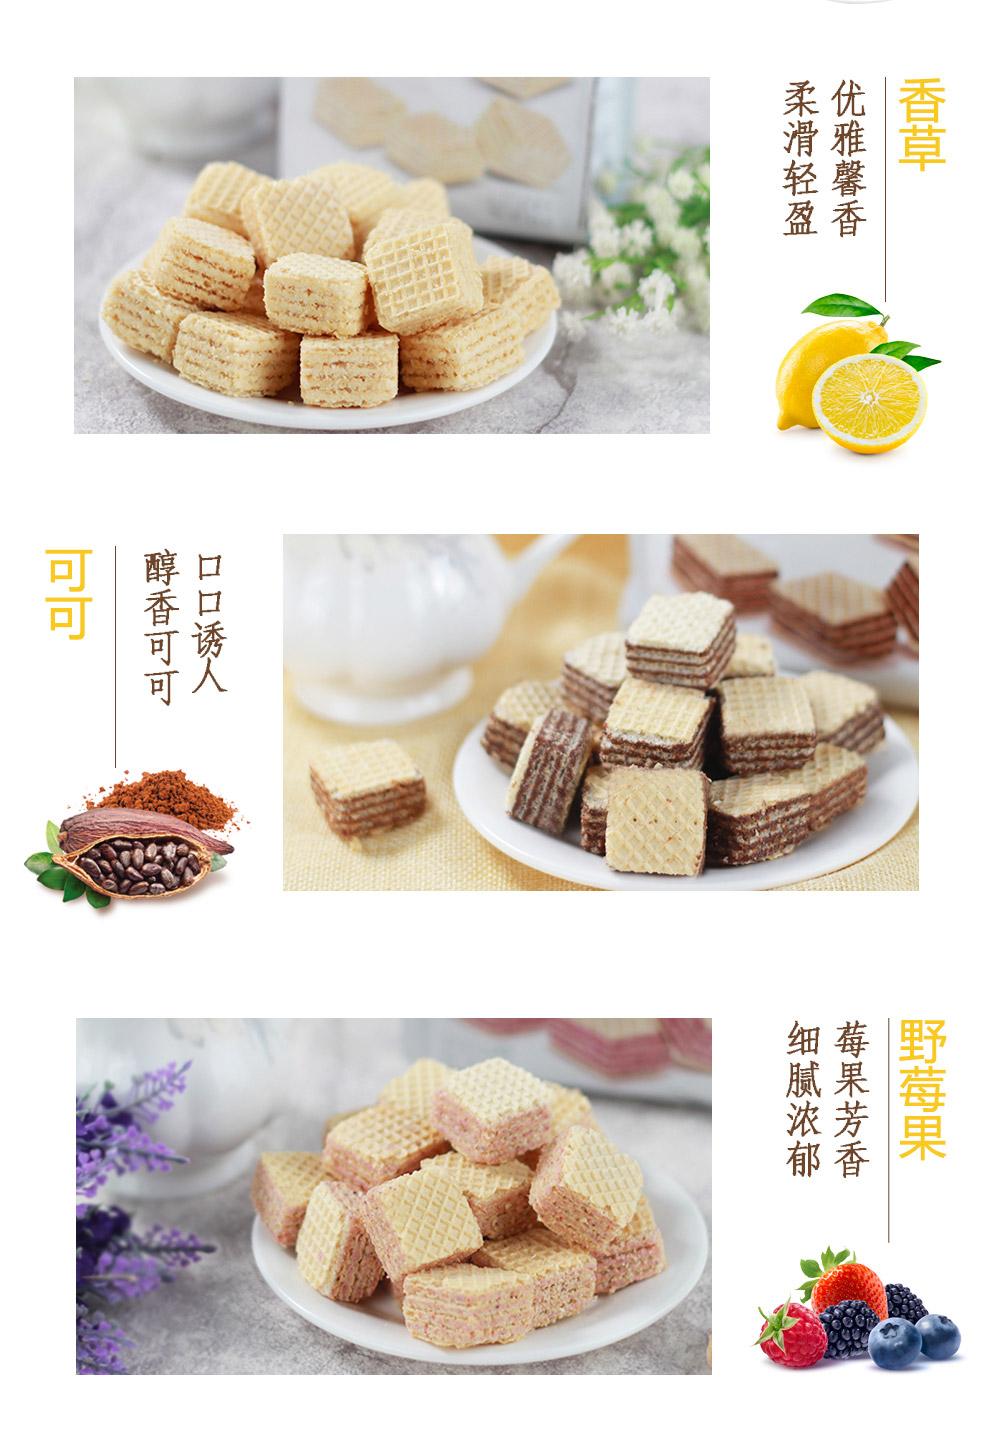 意大利原装 进口 CRICH 可意奇  香草味奶油 威化饼干 休闲零食早餐饼干 250g